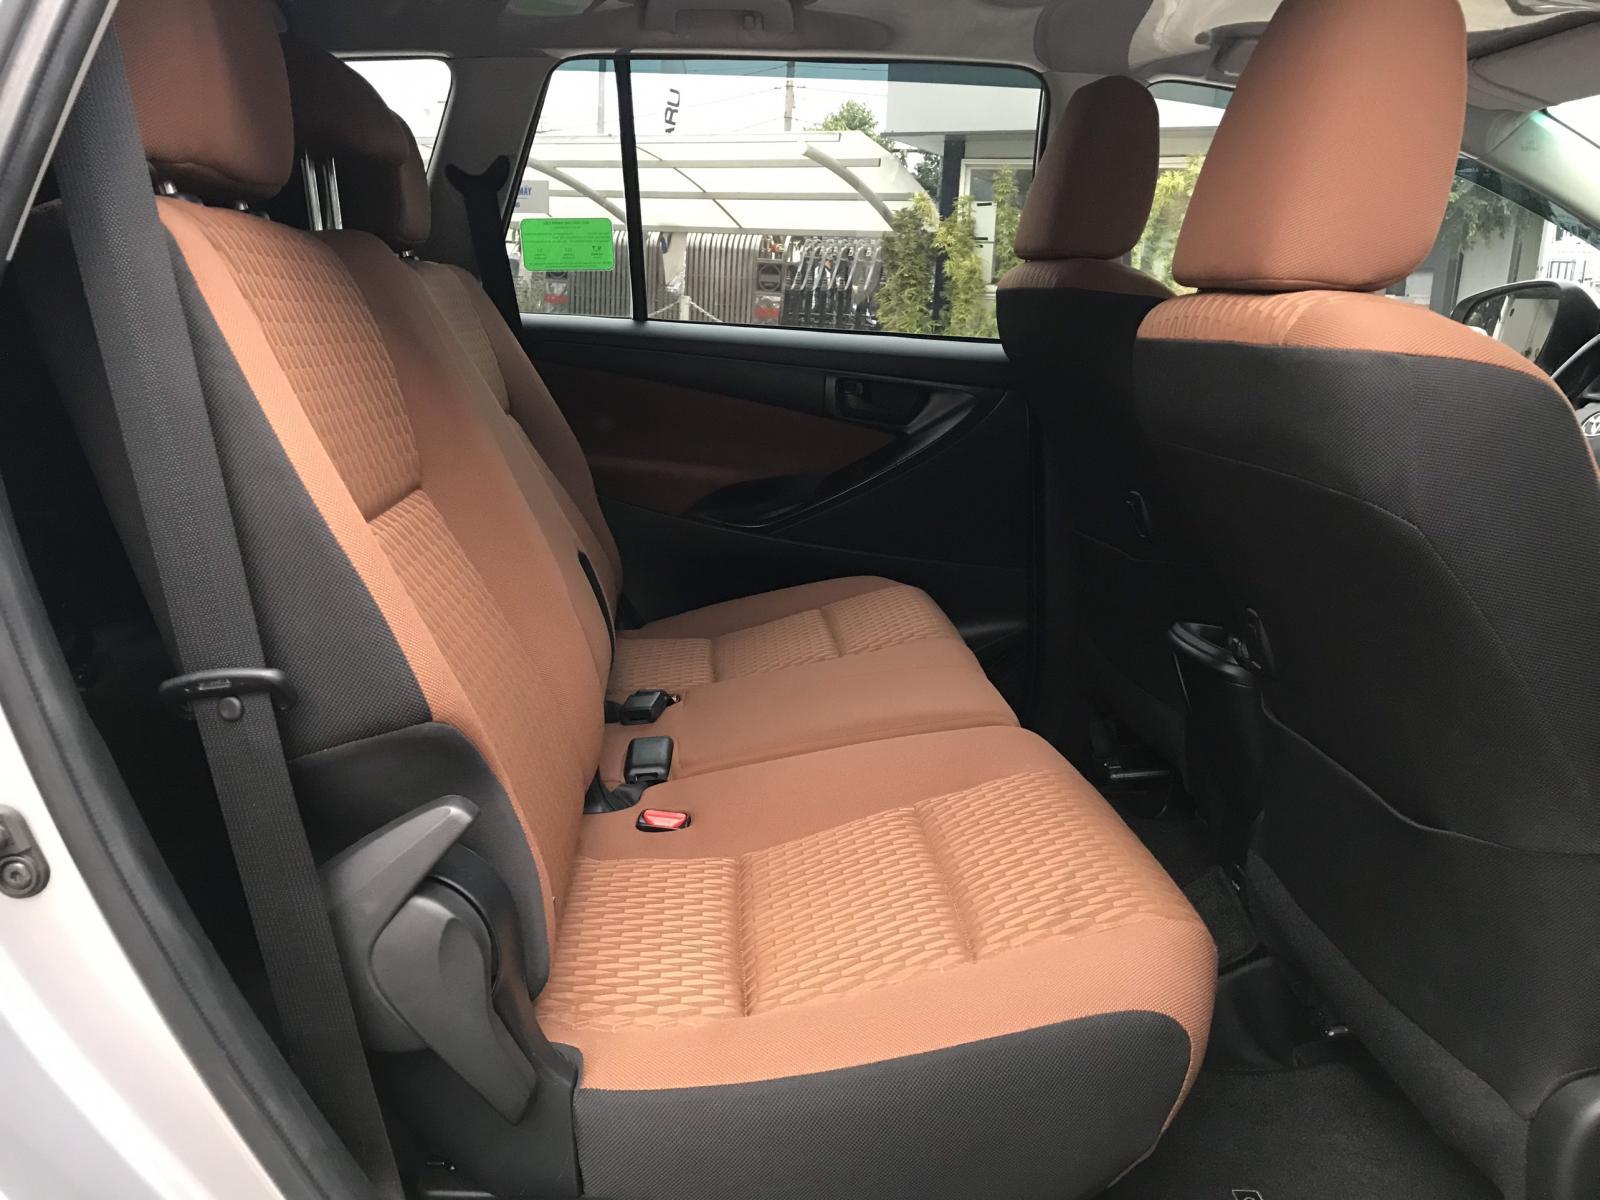 Bán xe Toyota Innova E đời 2019, màu bạc Biển SG Chất Như Mới -Giá CỰc Đẹp